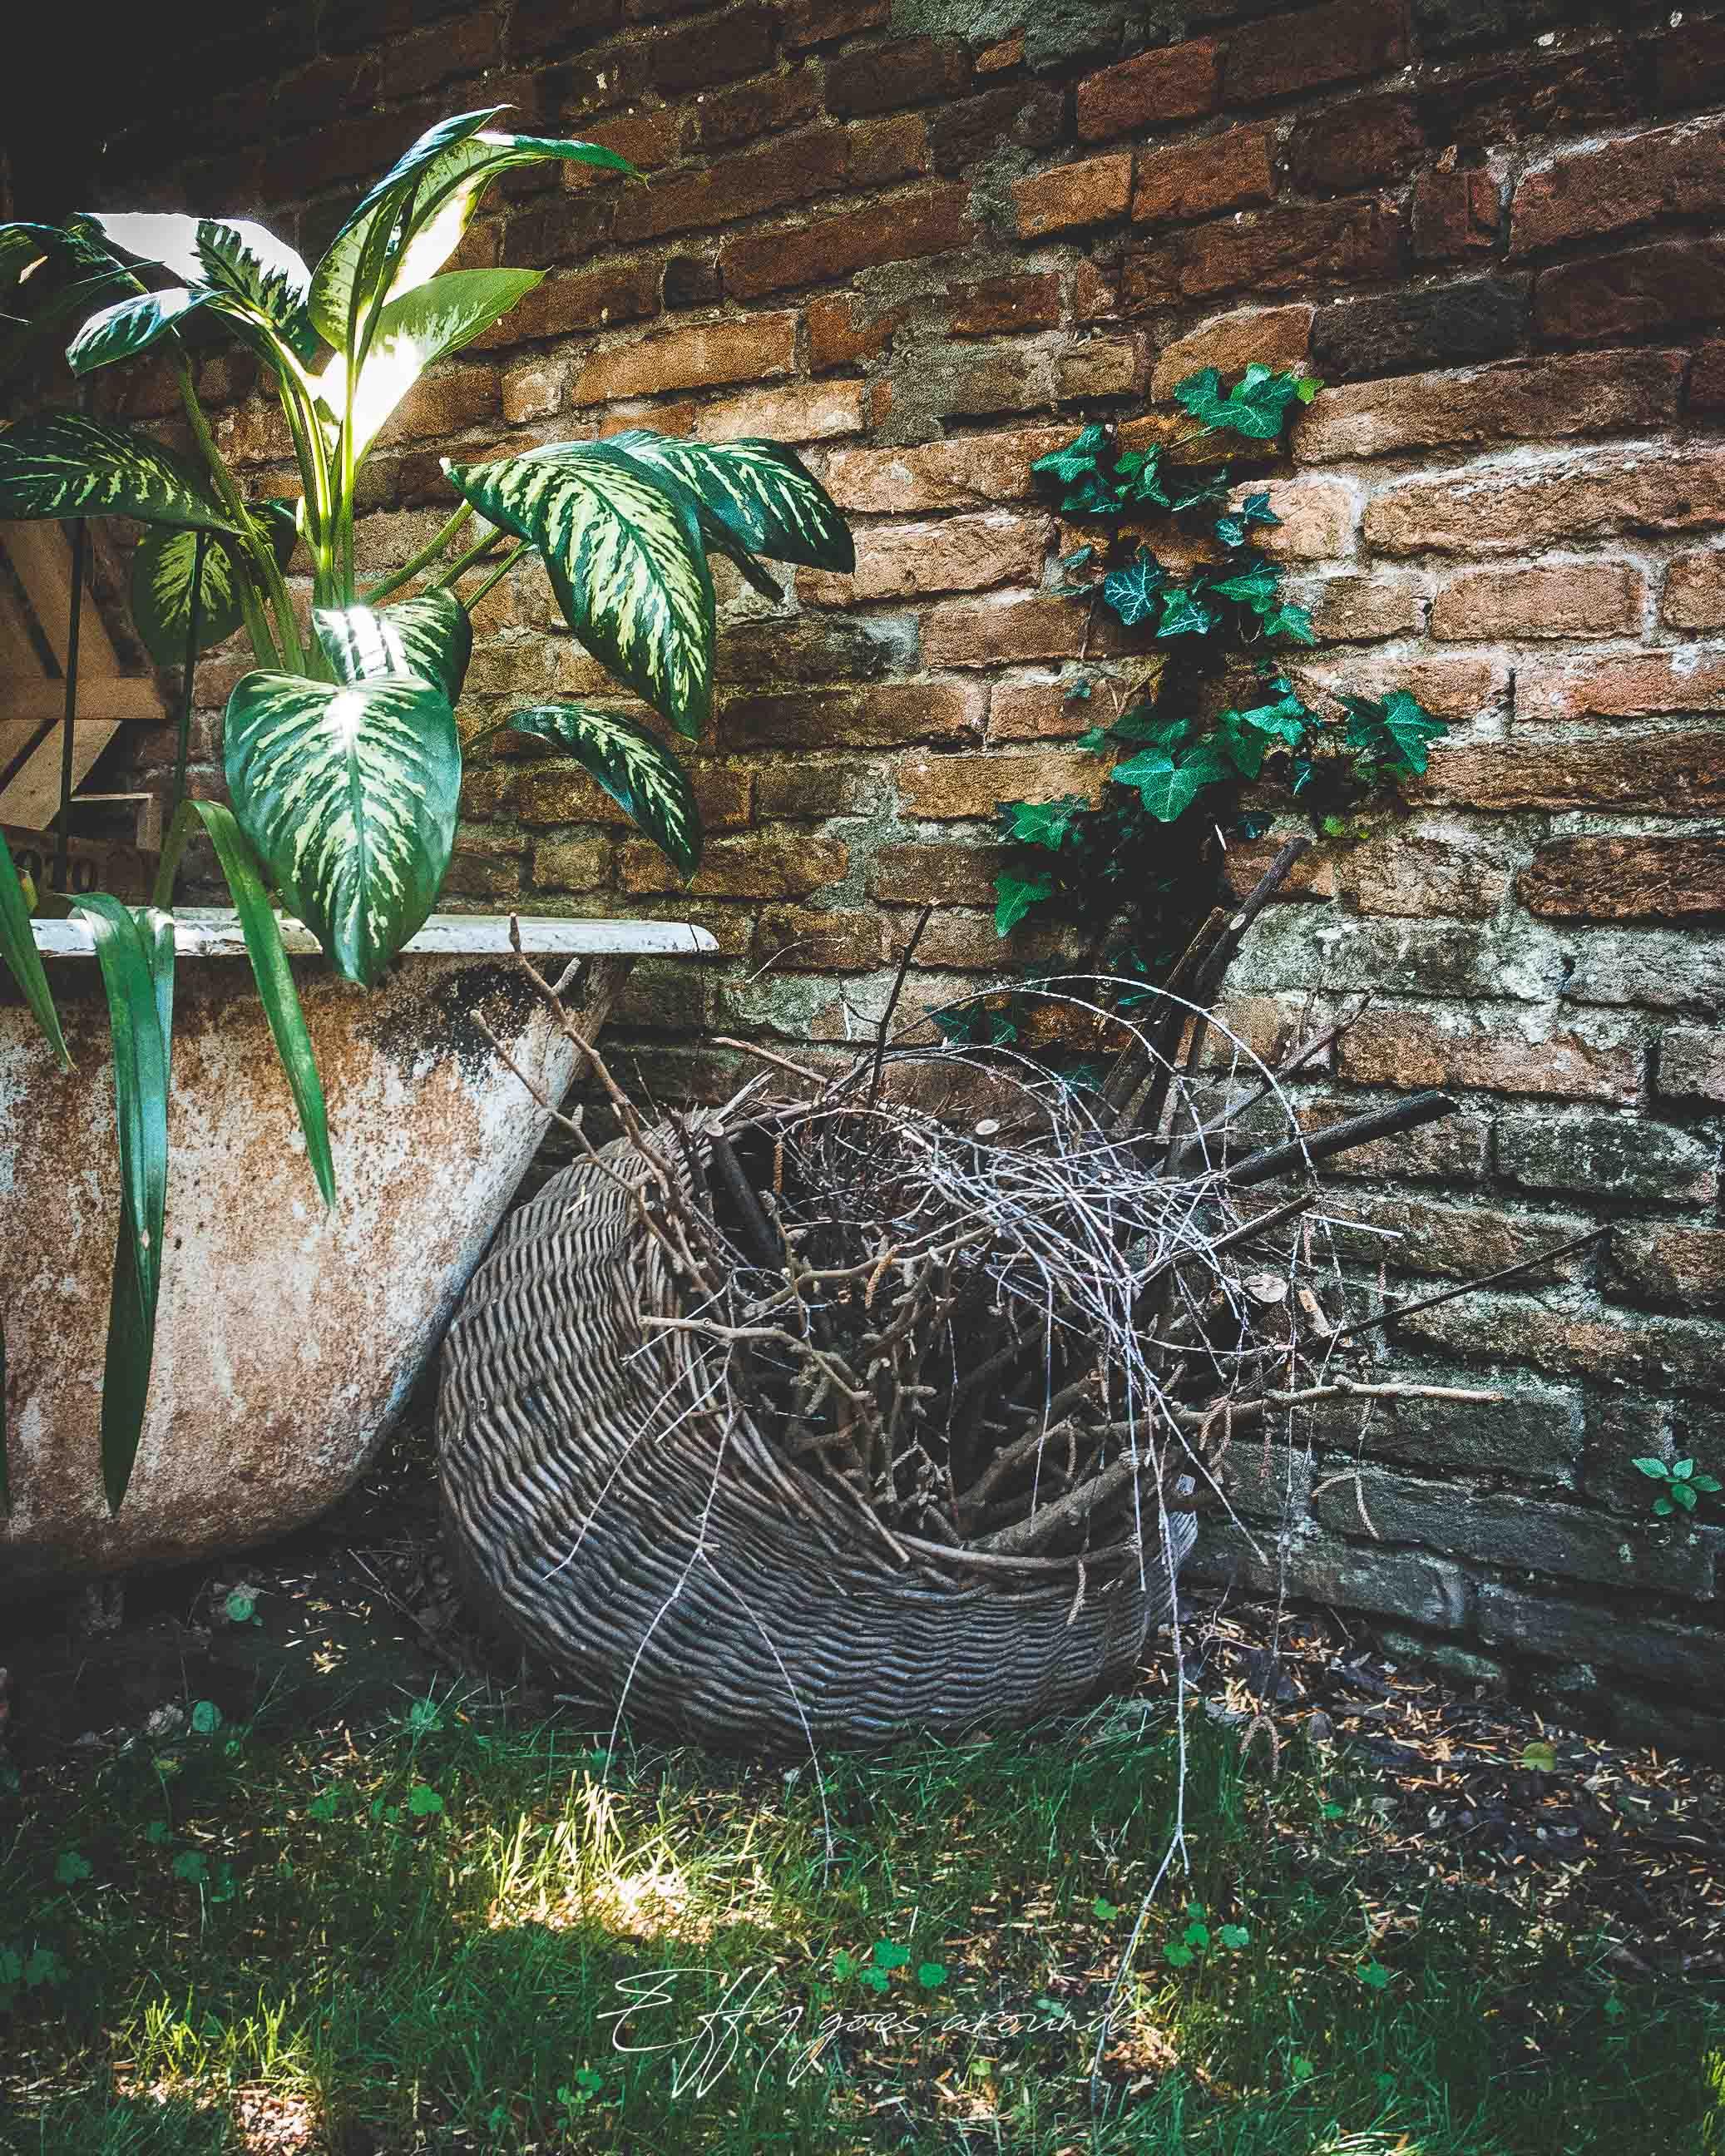 vasca da bagno con piante ed edera rampicante nel giardino di via Quartieri a Ferrara per Interno Verde